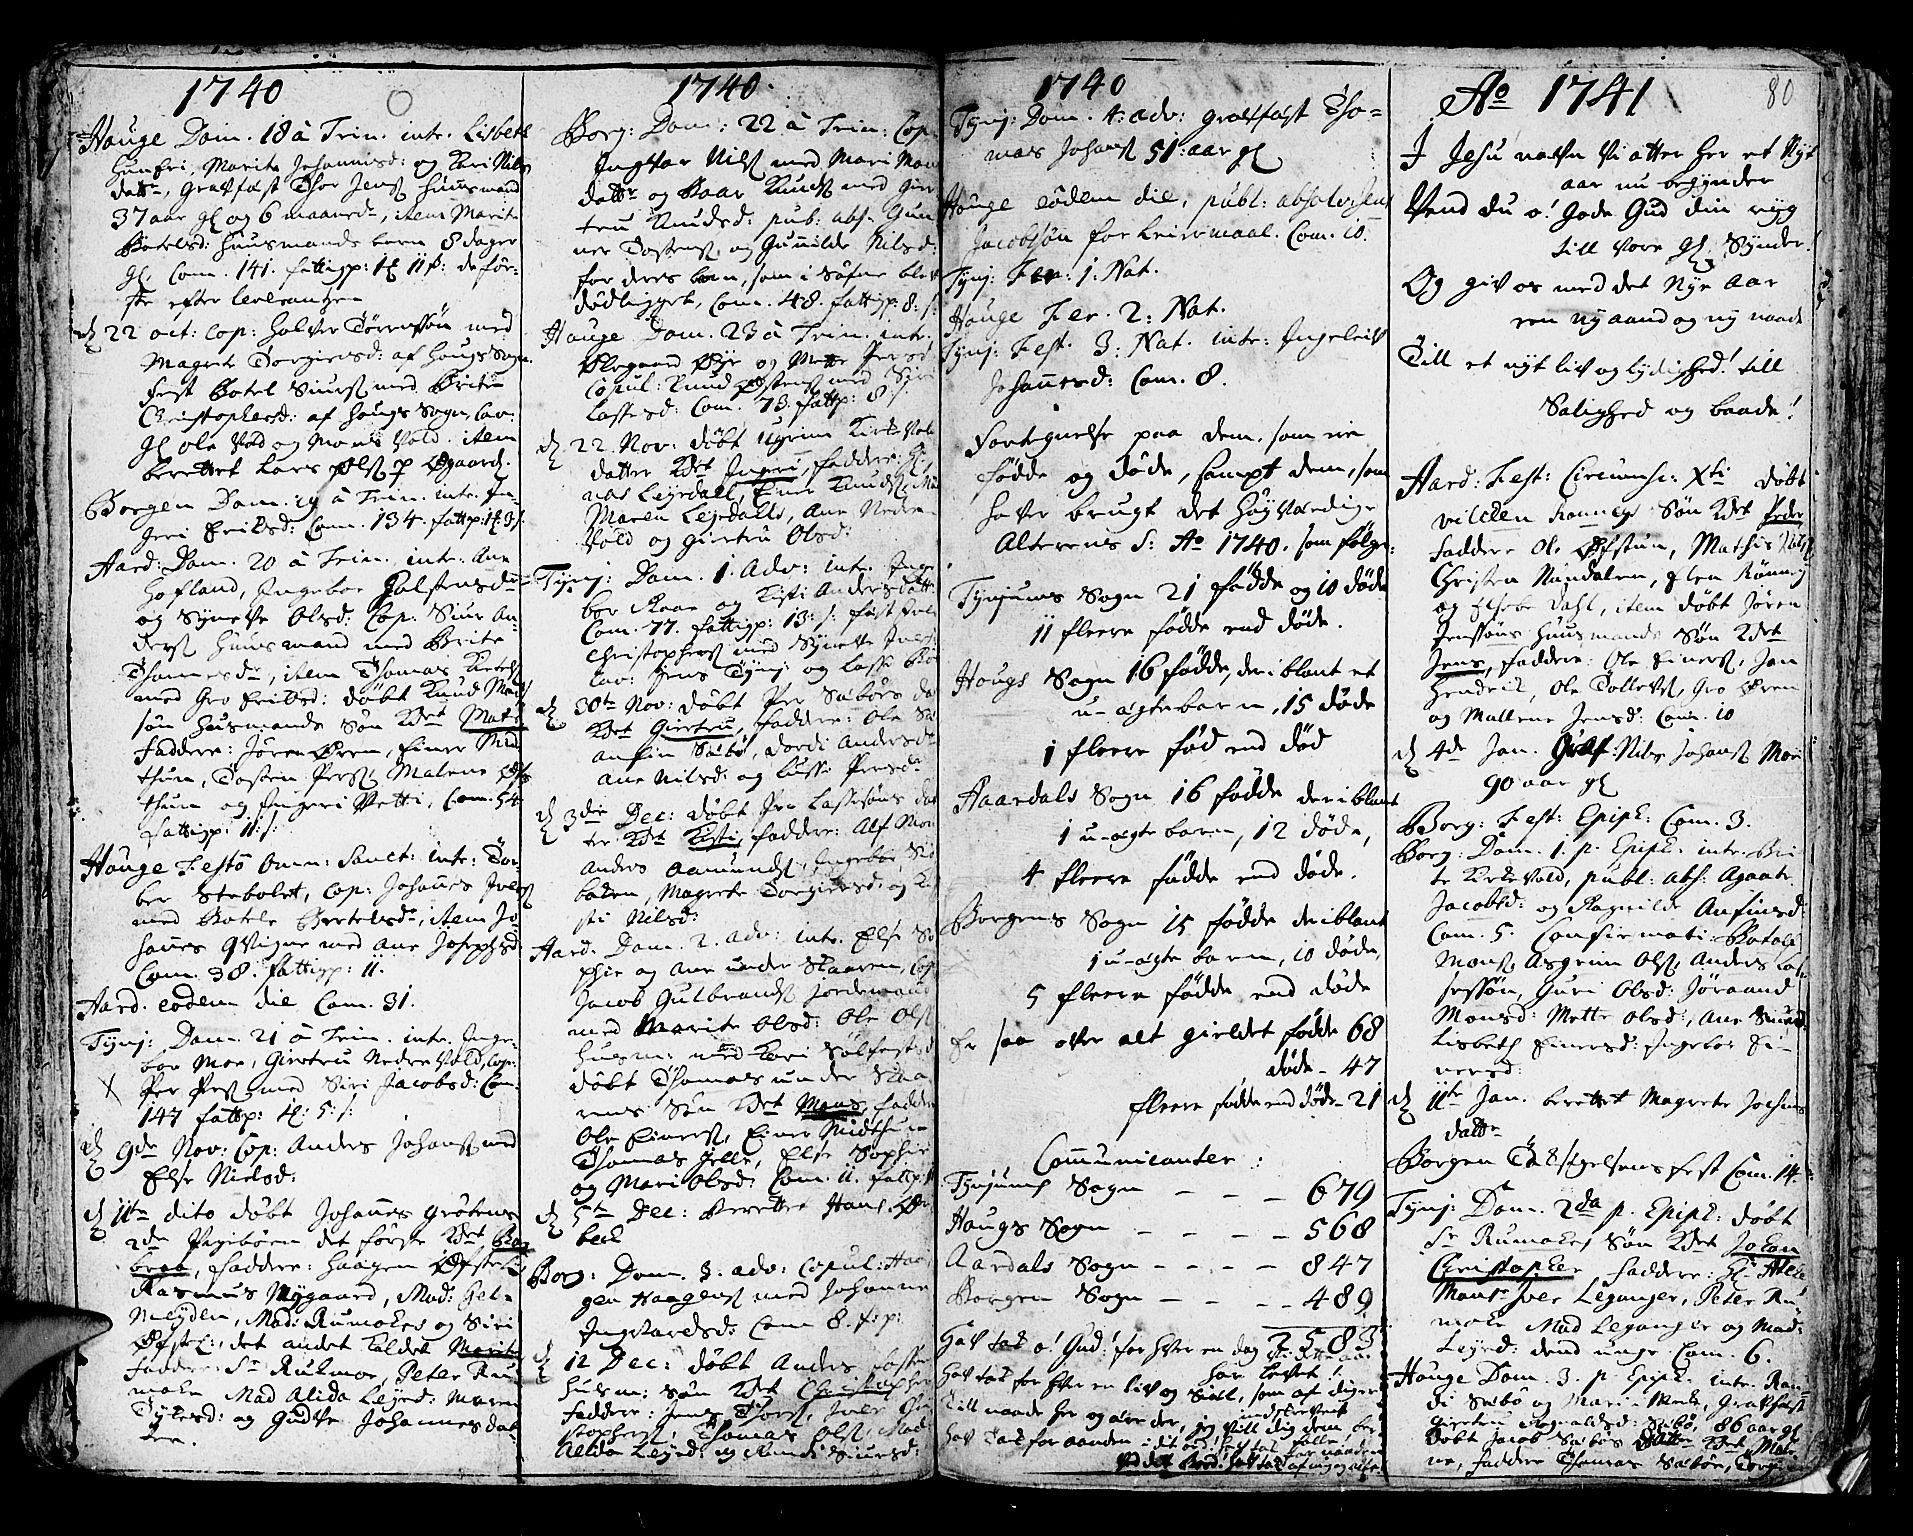 SAB, Lærdal sokneprestembete, Ministerialbok nr. A 1, 1711-1752, s. 80